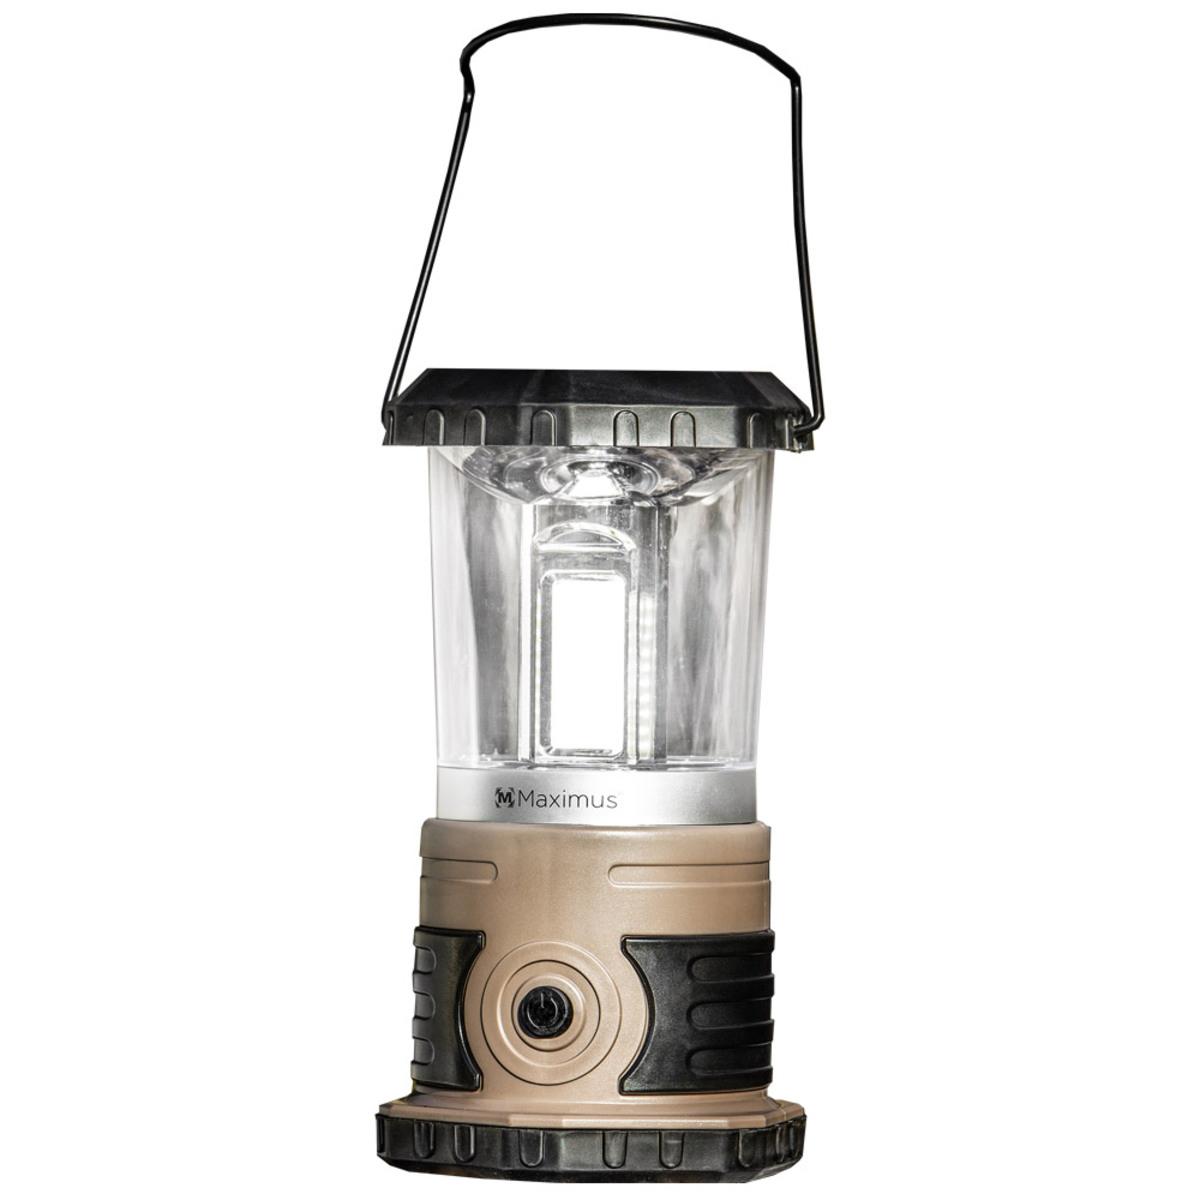 Bild 1 von Maximus LED-COB Laterne, 10 Watt/ 1000 Lumen